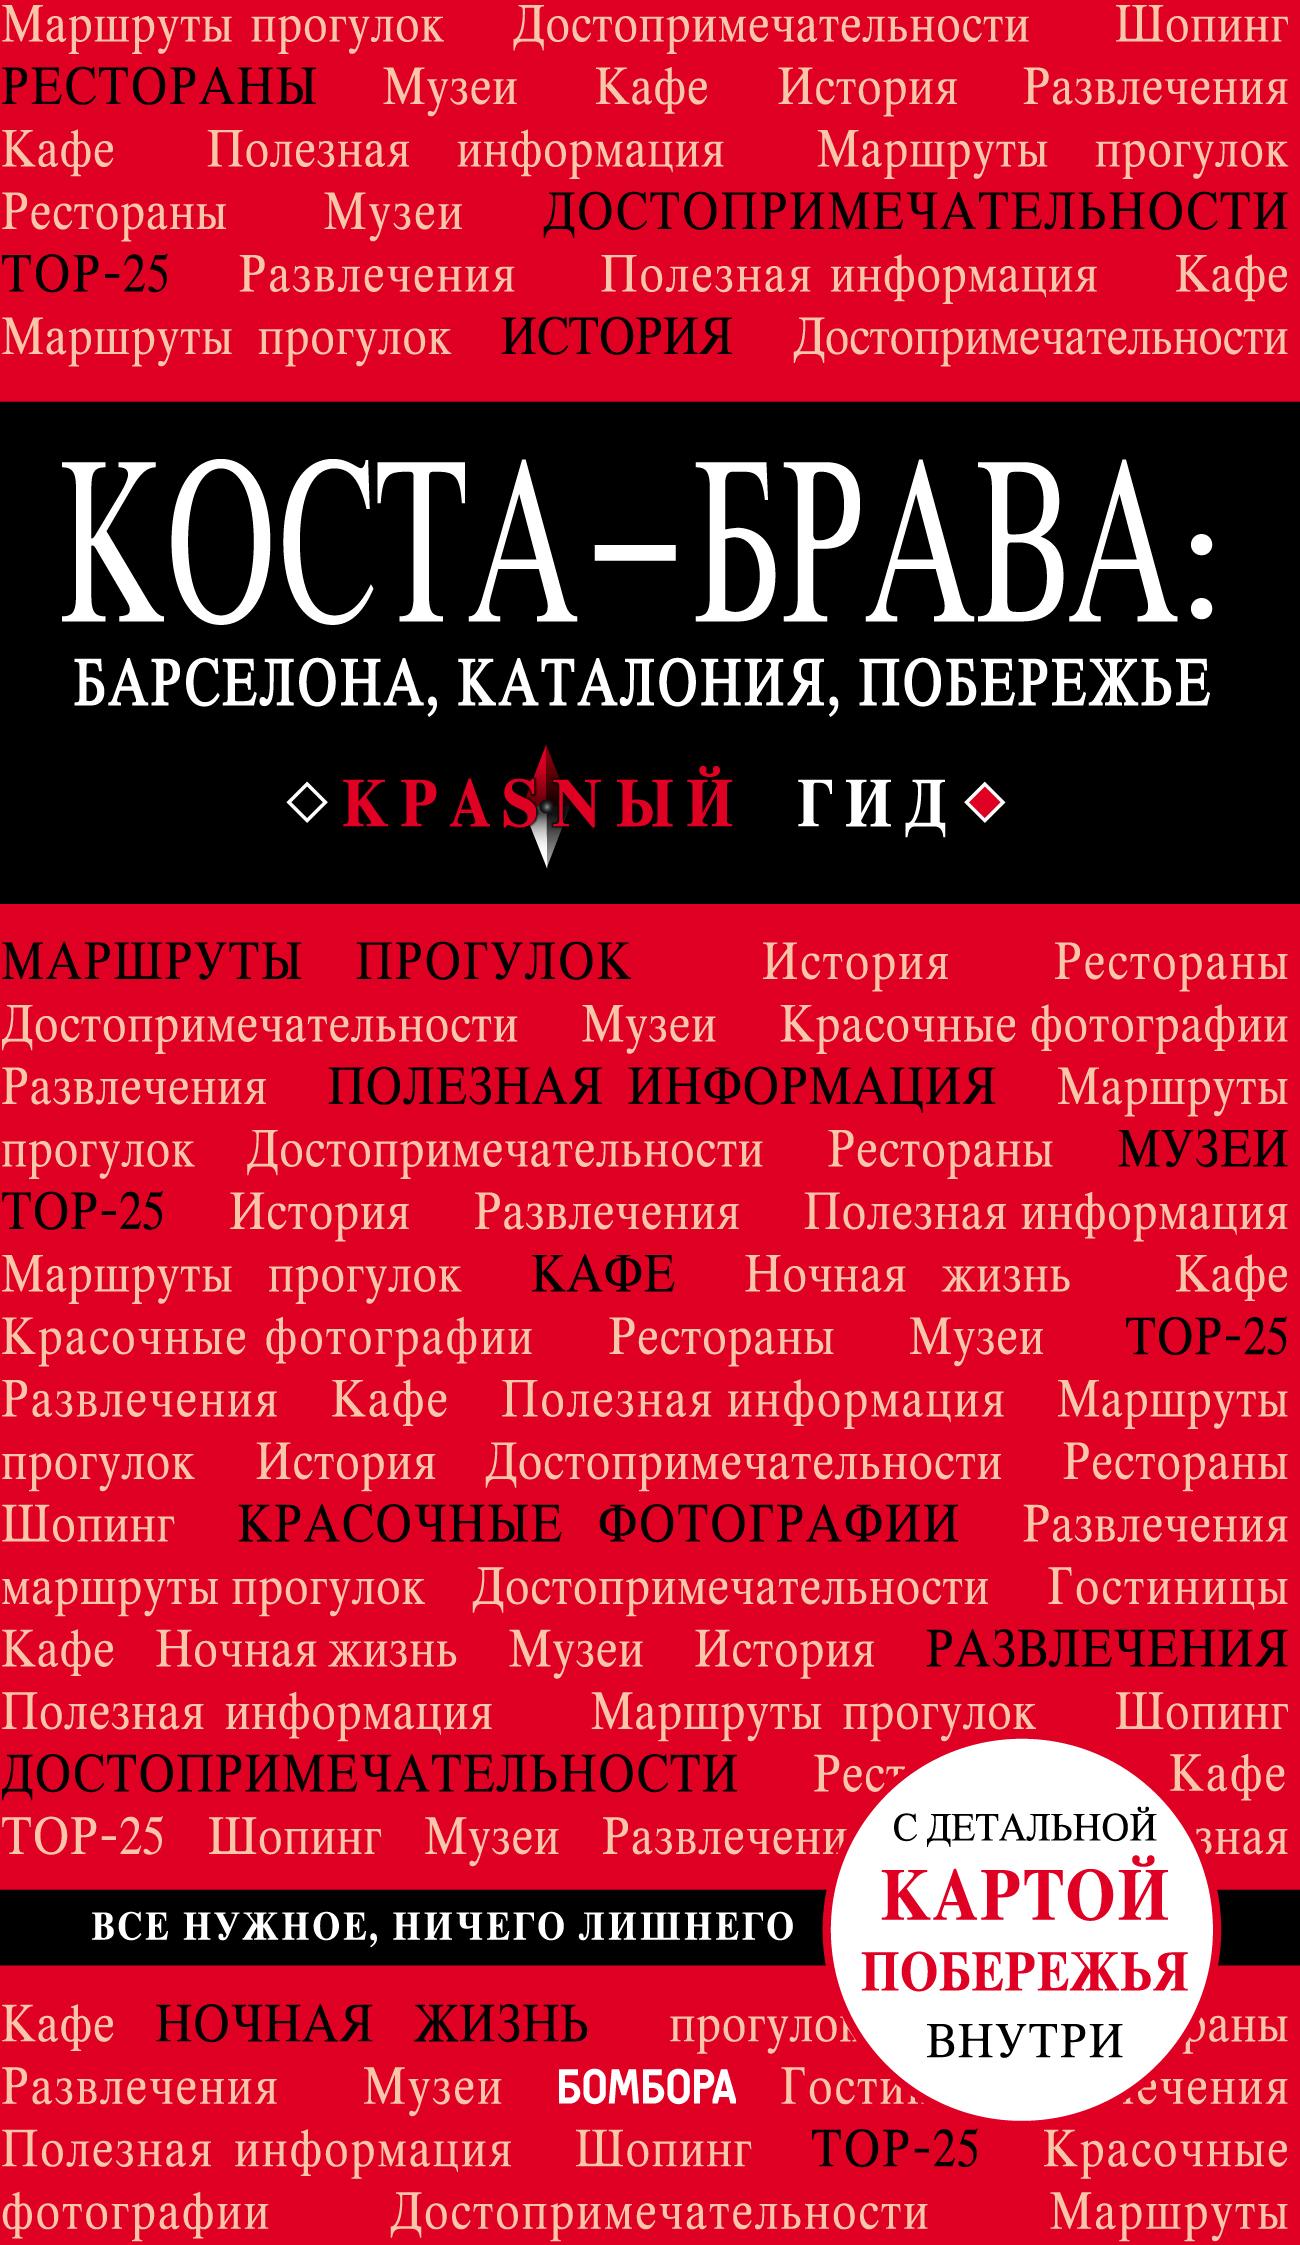 Дмитрий Кульков Коста-Брава: Барселона, Каталония, побережье. Путеводитель